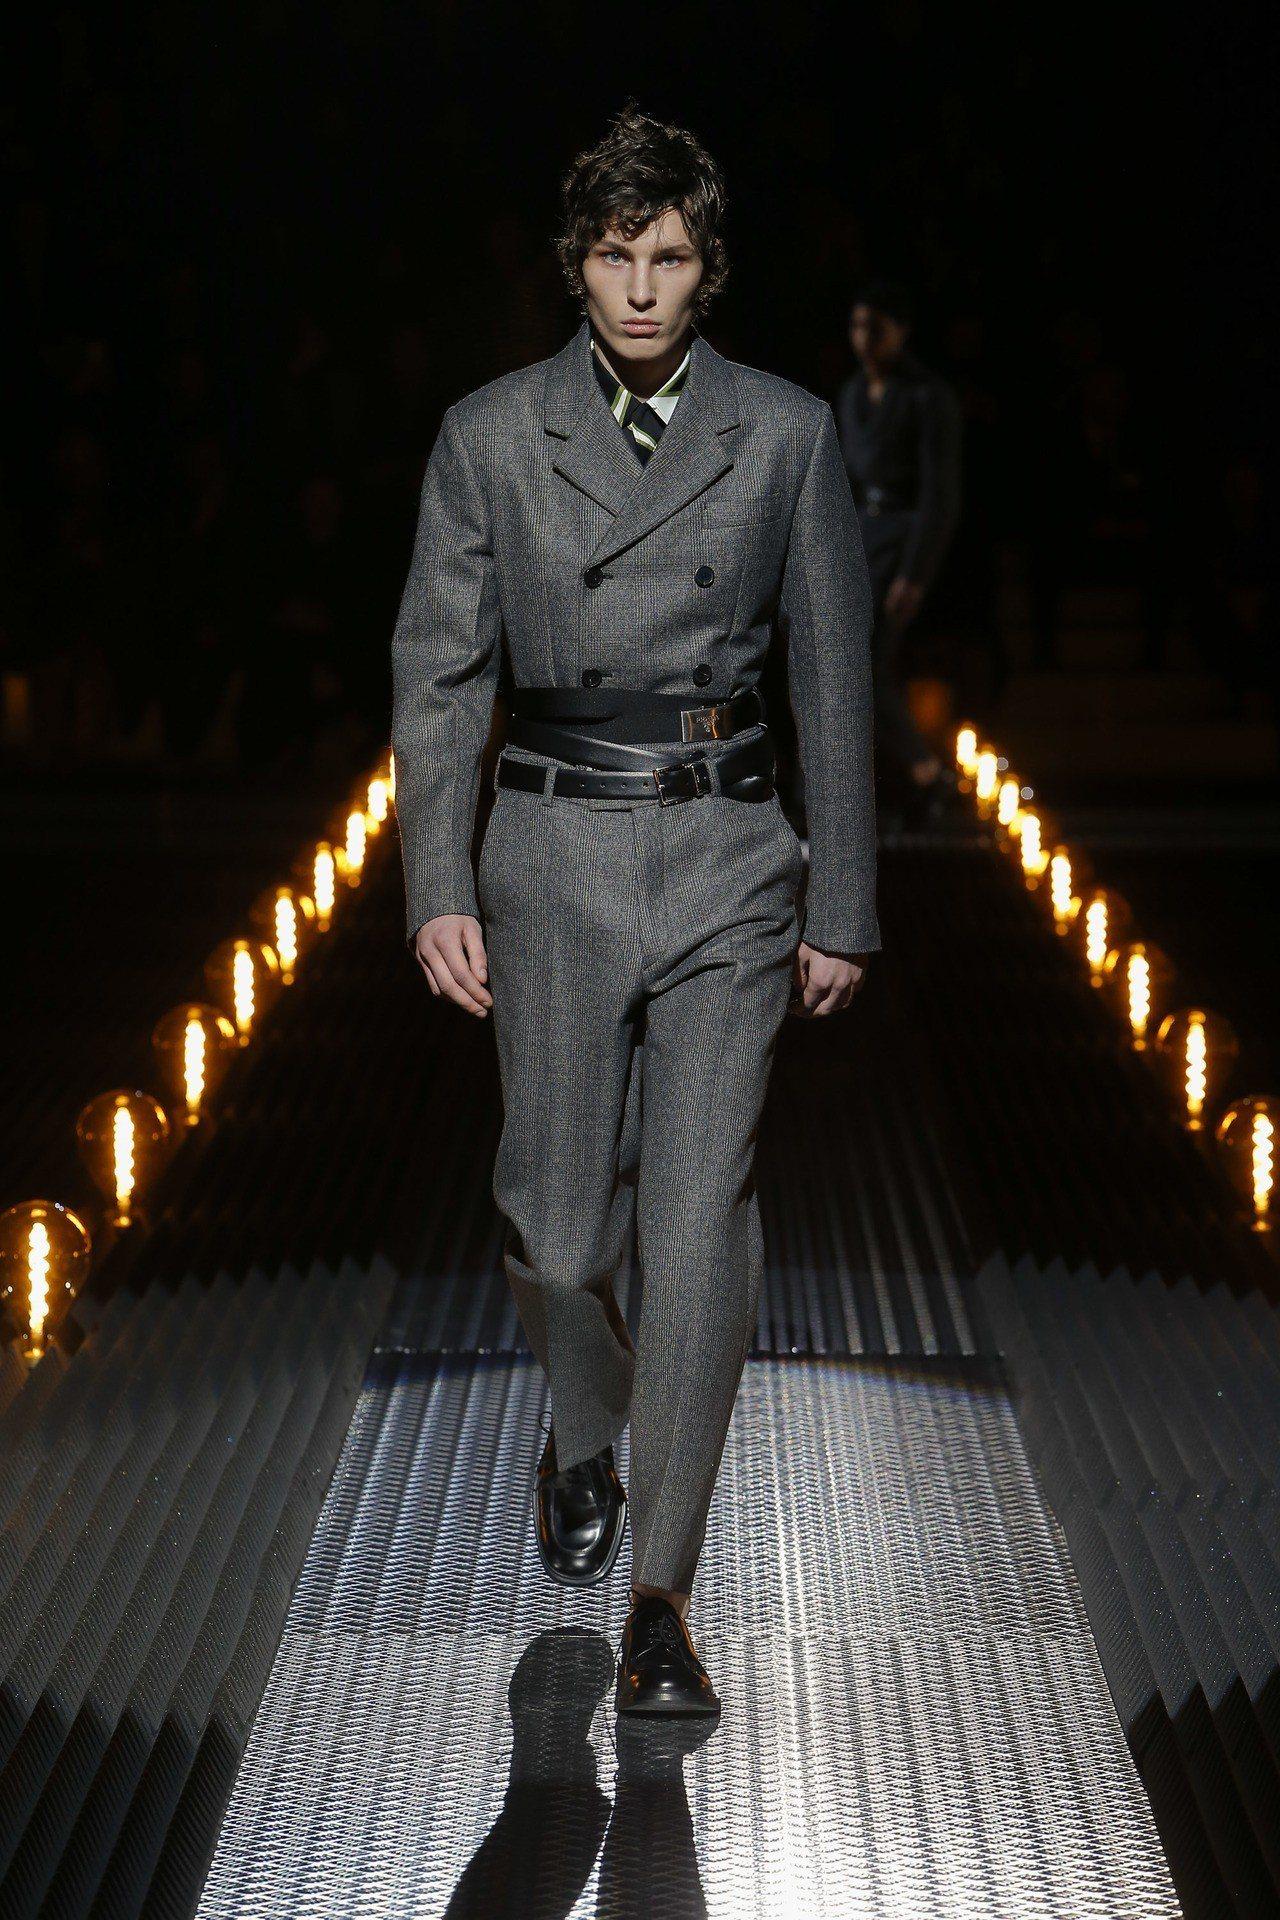 軍裝的影響加上精緻的剪裁,成為2019年秋冬PRADA男裝的主要輪廓之一。圖/P...